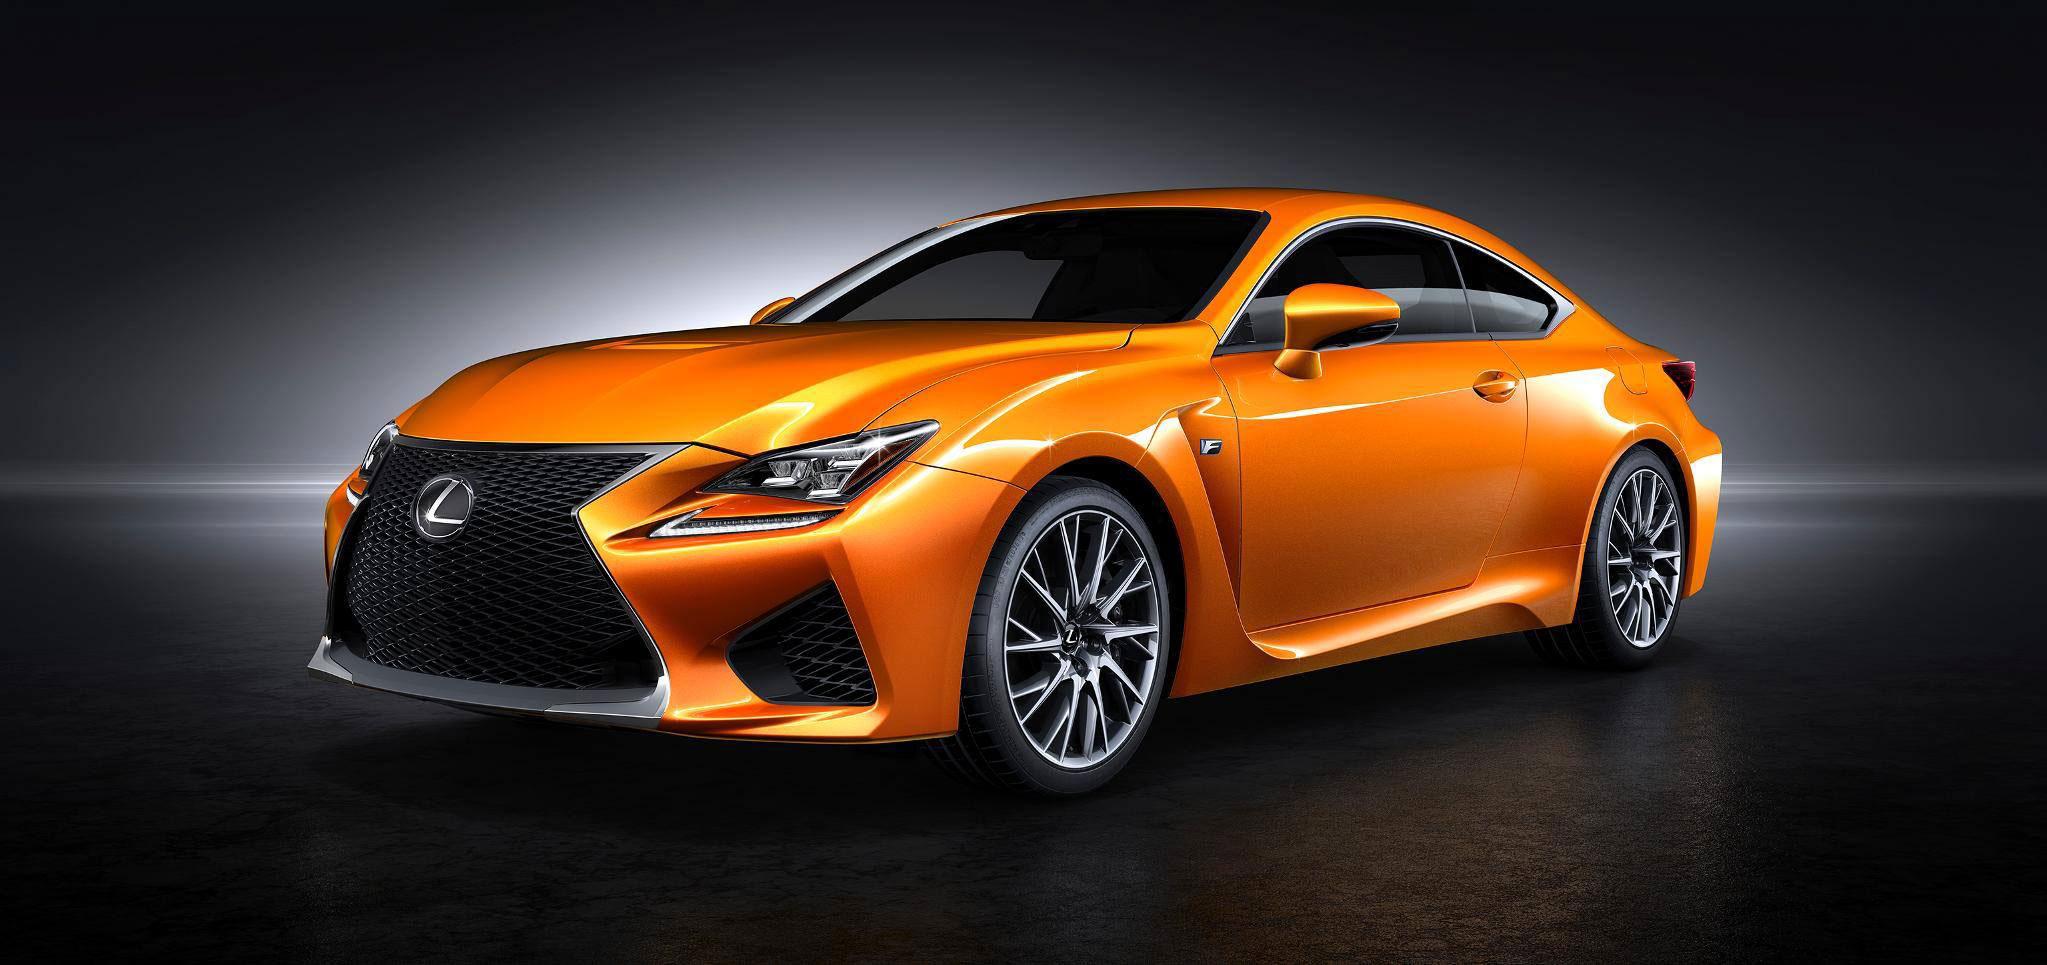 What Should Lexus Name The RC F S Orange Exterior Color Lexus Enthusiast